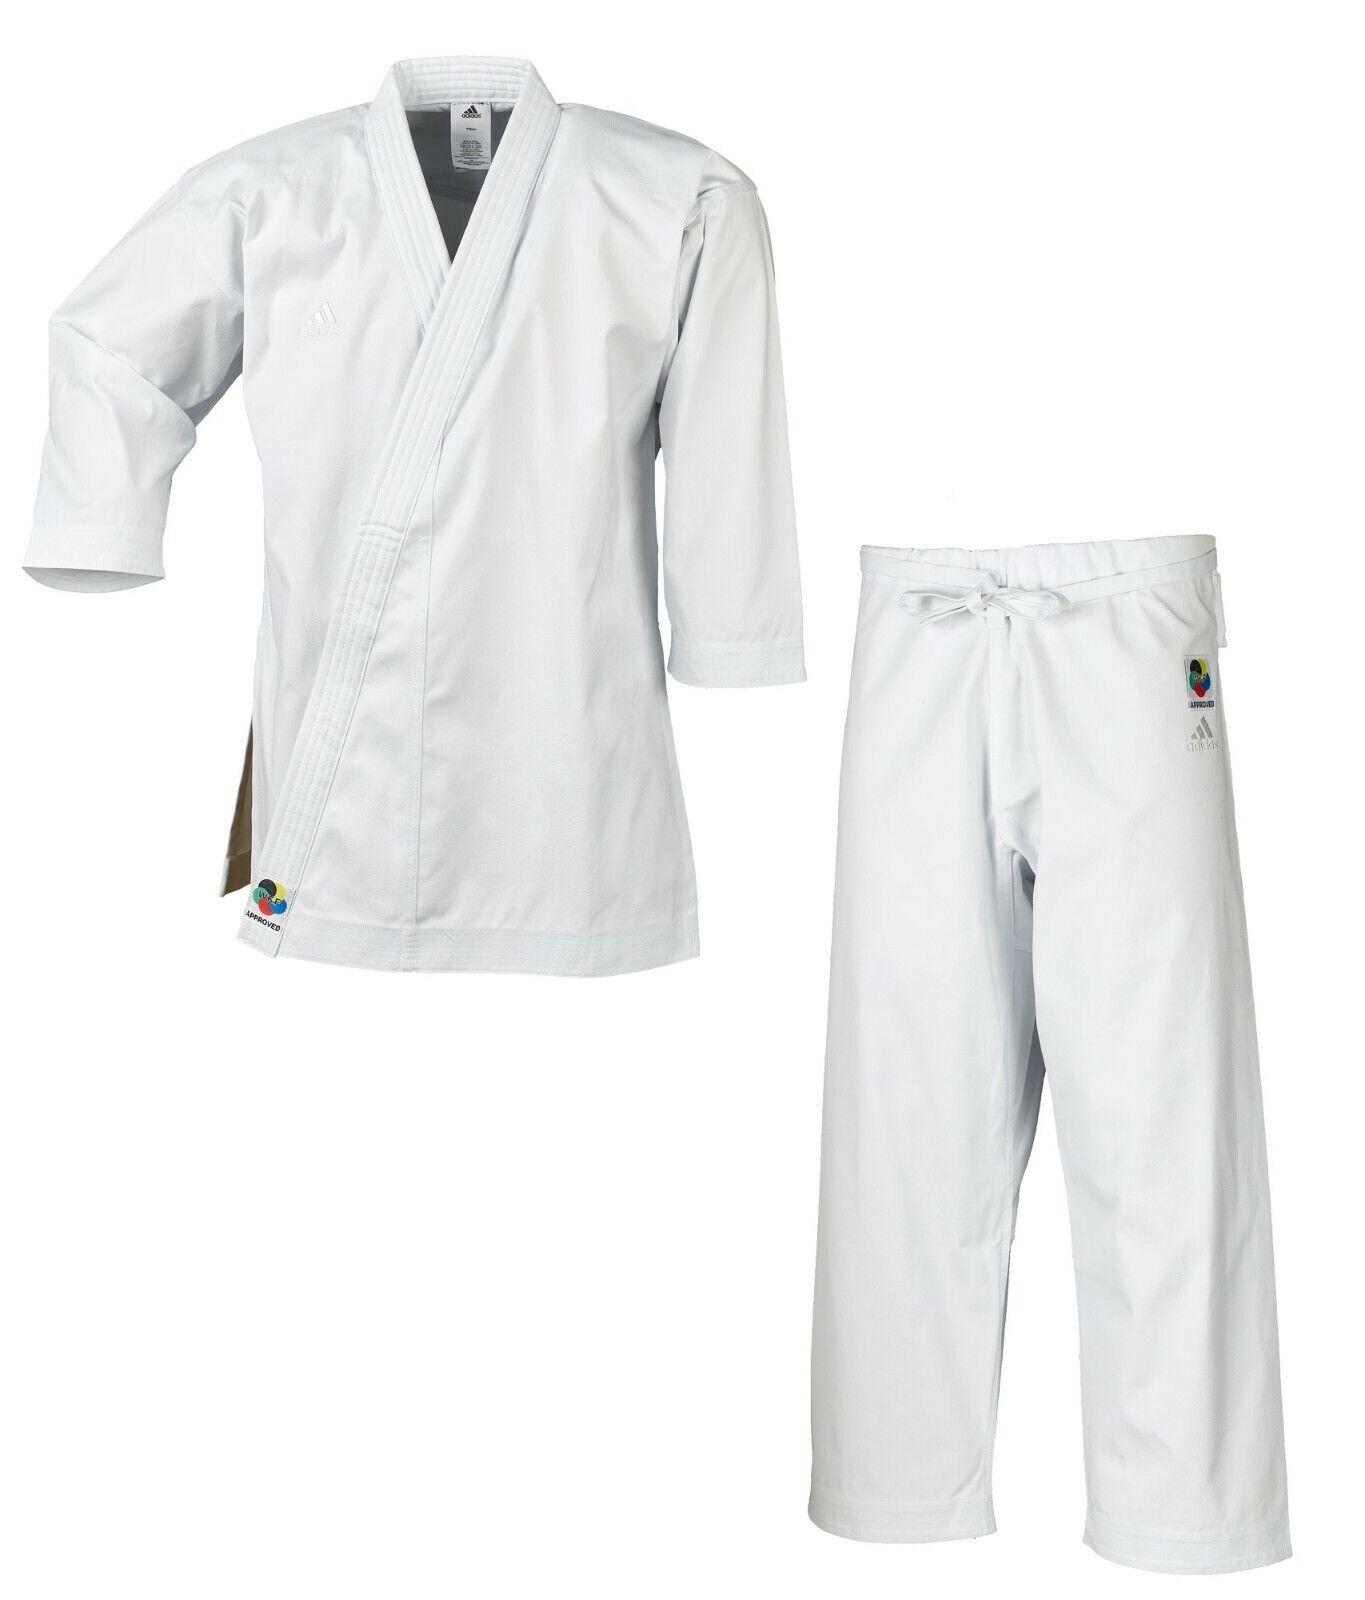 Adidas Karateanzug Yawara Japanese, das Kata Top Model. WKF Appr., 11Oz, Karate